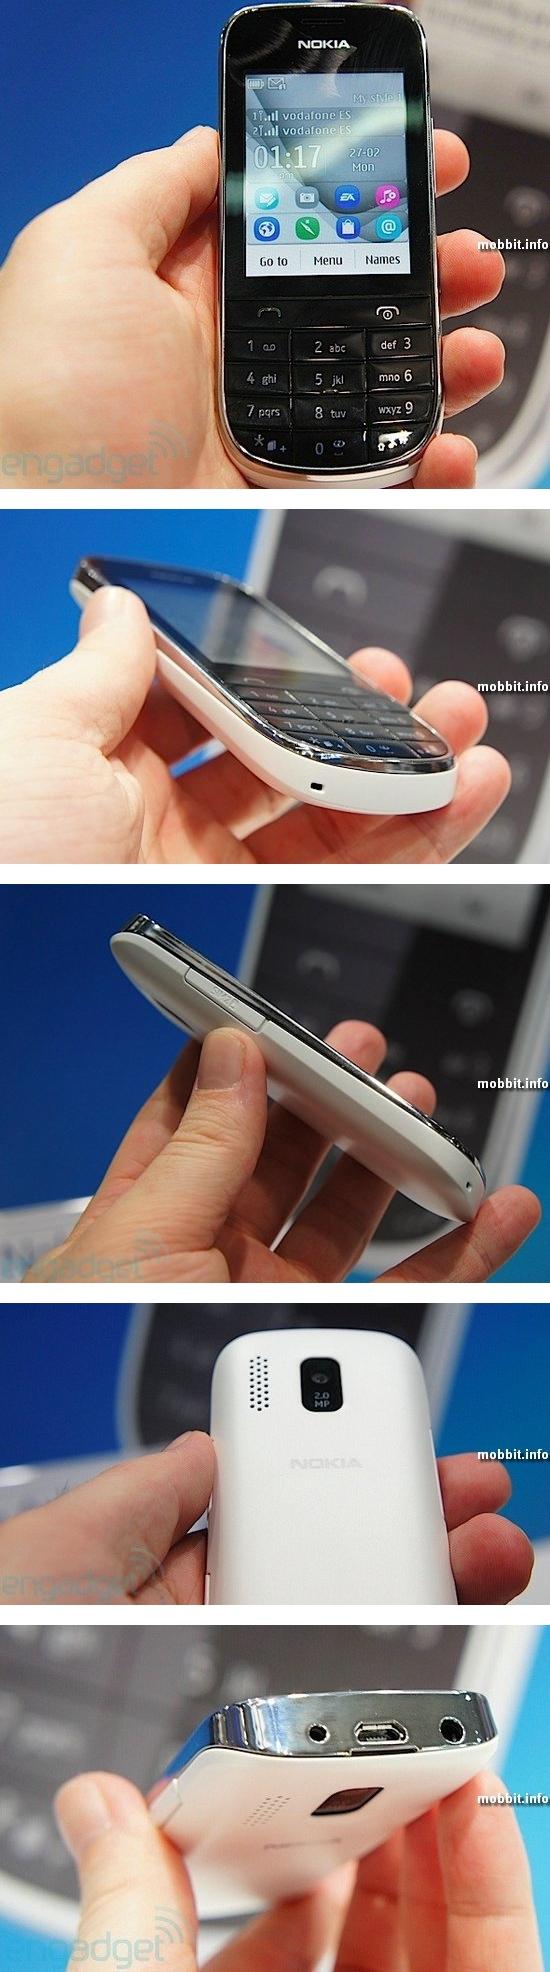 Nokia Asha 202, 203